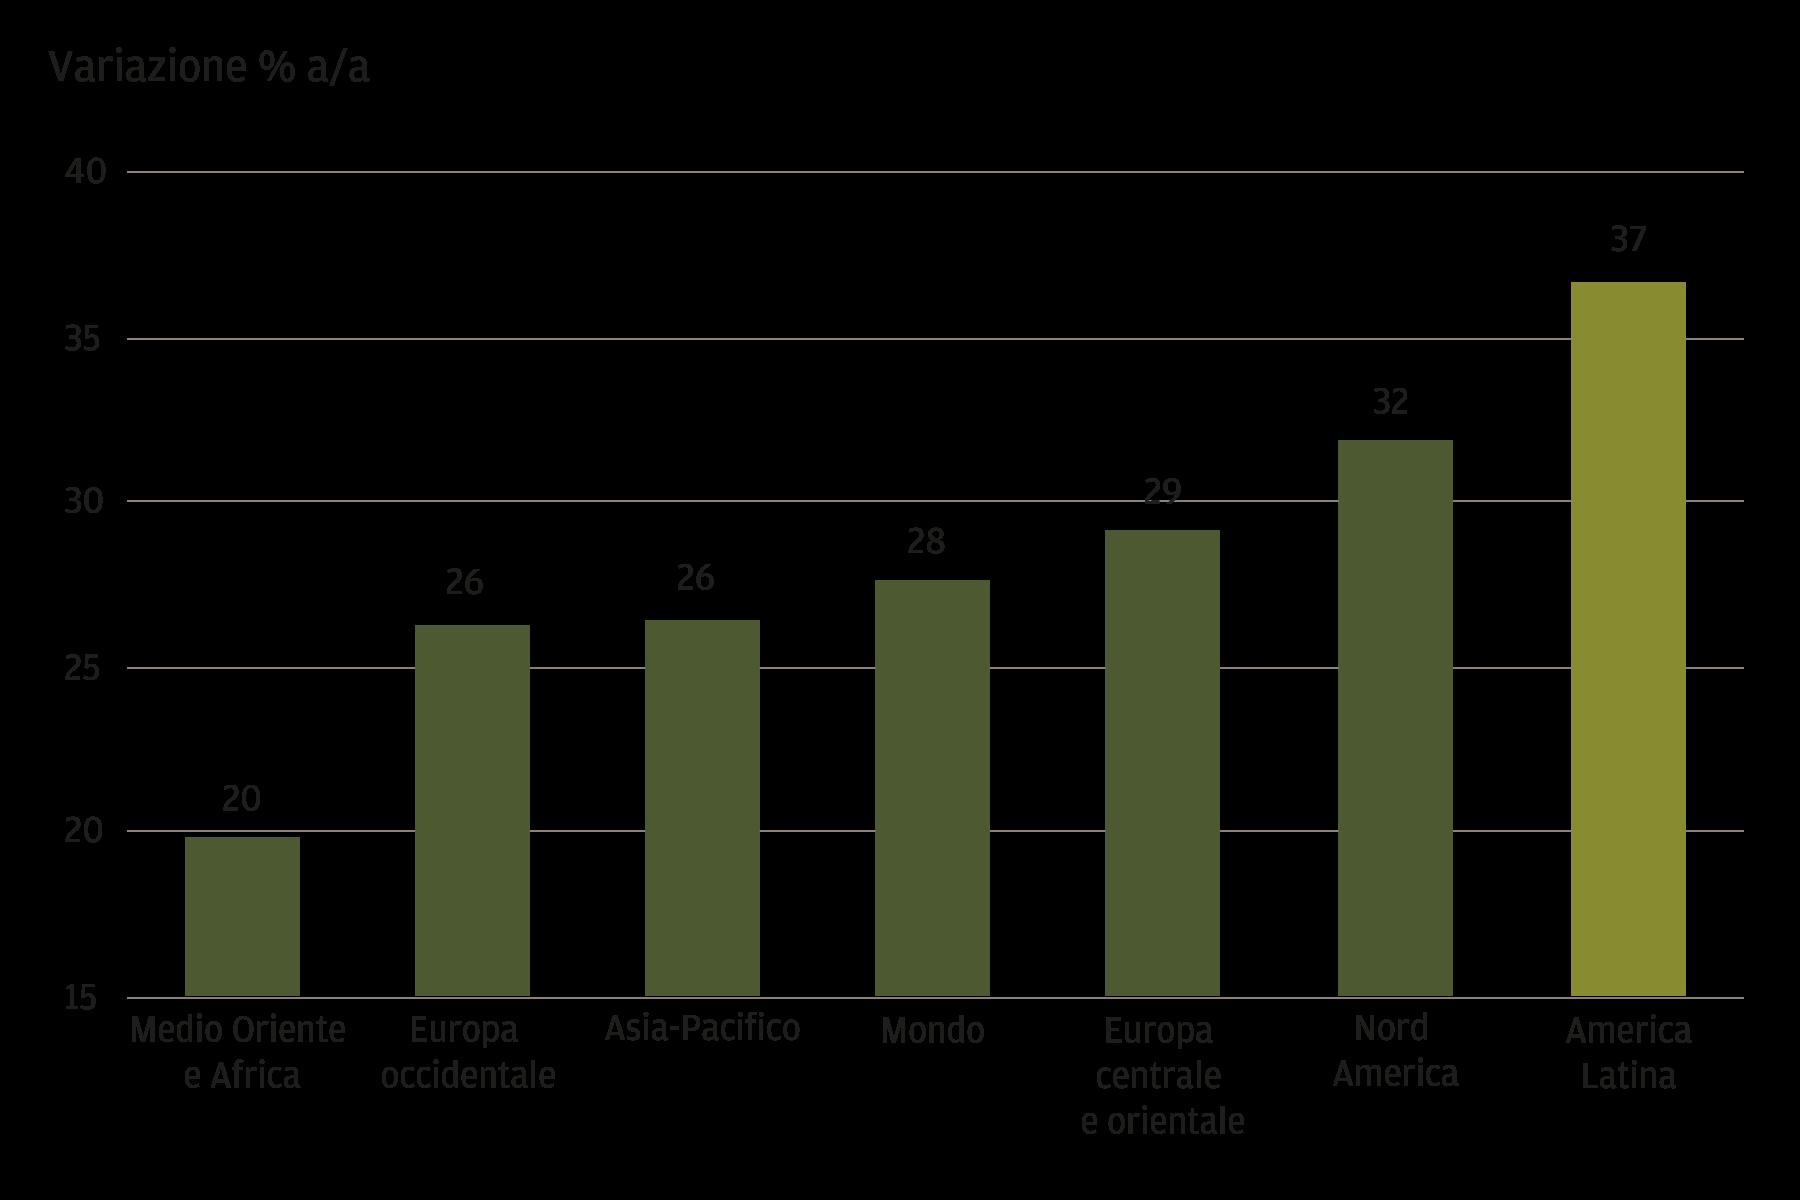 Il grafico mostra la variazione percentuale su base annua delle vendite online nel 2020 per regione nelle aree Medio Oriente e Africa, Europa occidentale, Asia-Pacifico, Mondo, Europa centrale e orientale, Nord America e America Latina. L'America Latina registra la crescita maggiore con un tasso del 37%, seguita dal Nord America con il 32%. L'Europa centrale e orientale, il Mondo e l'Asia-Pacifico presentano tassi di crescita moderati rispetto alle altre regioni elencate. L'Europa occidentale e la regione Medio Oriente e Africa evidenziano la crescita più bassa, rispettivamente pari al 26% e al 20%.